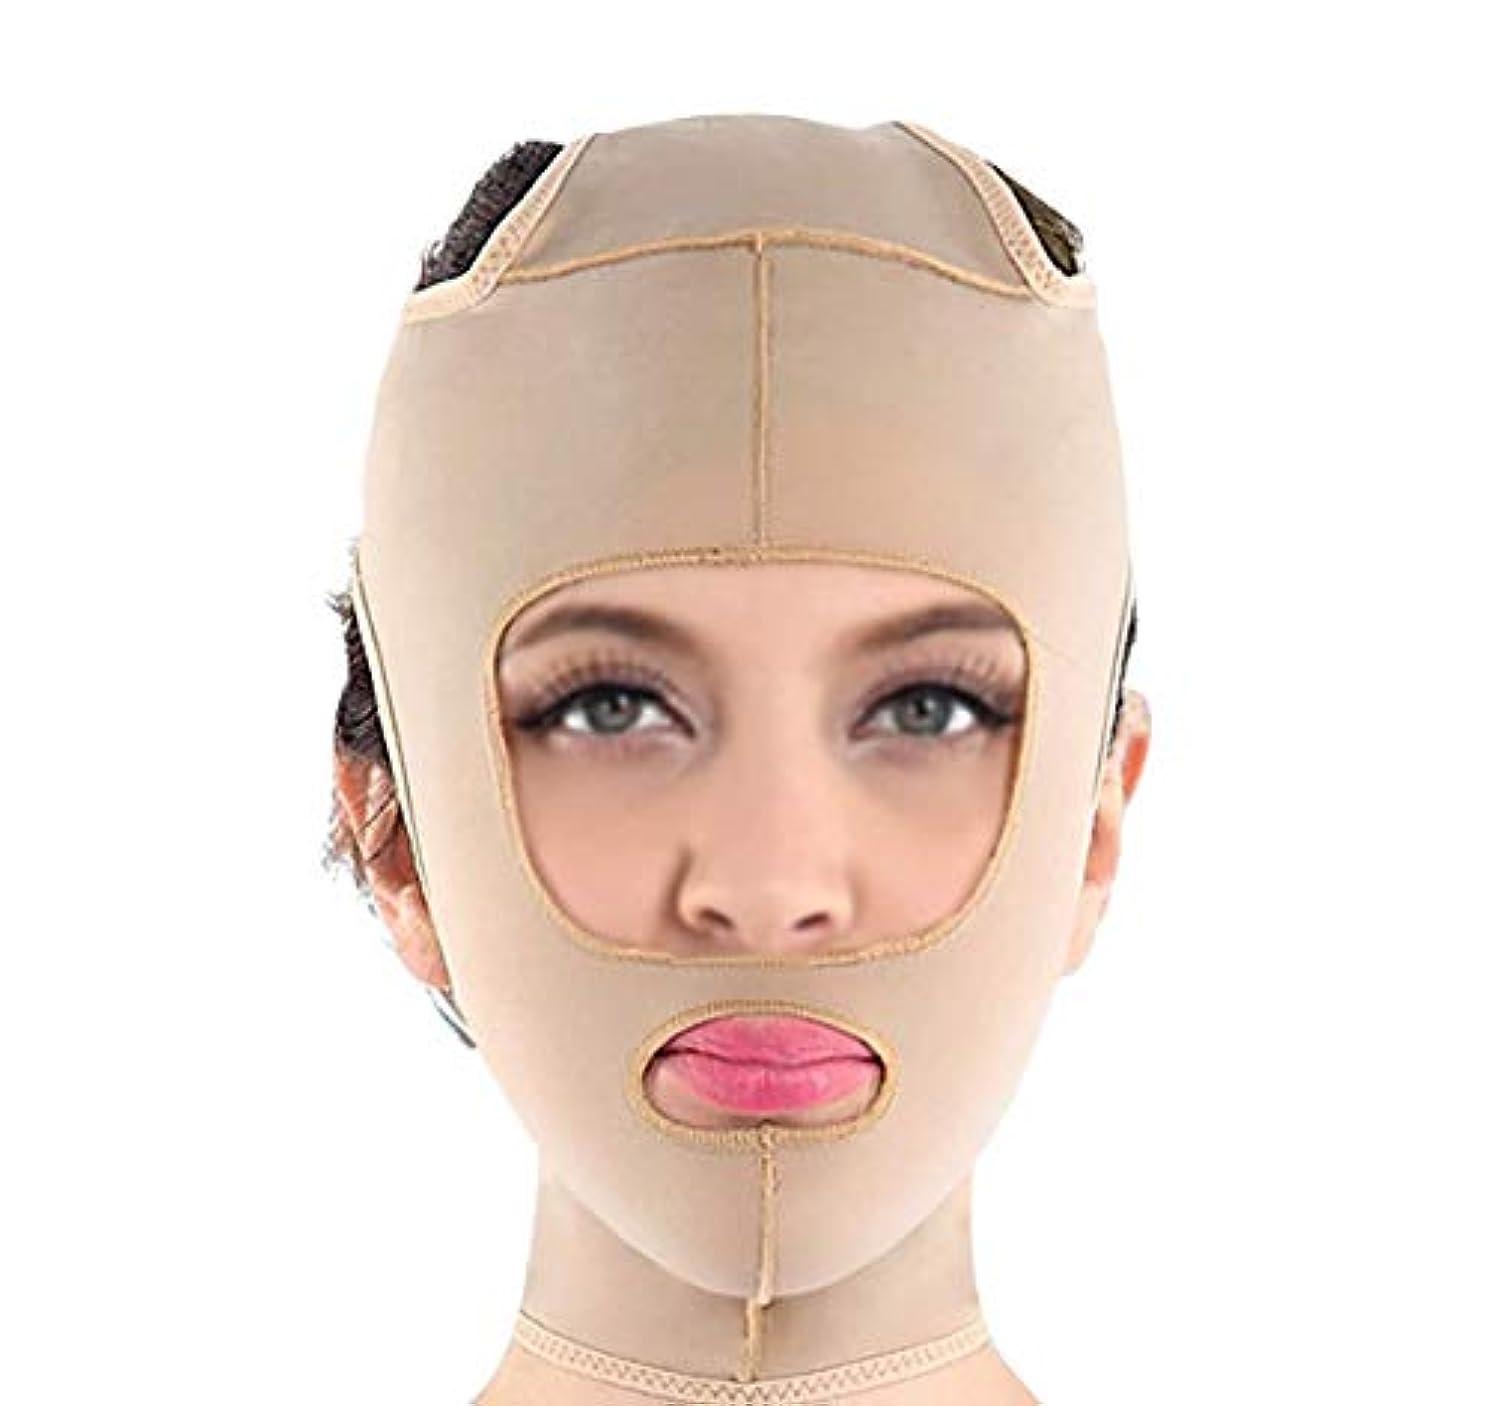 スリーブパワーアパート包帯vフェイス楽器フェイスマスクマジックフェイスフェイシャル引き締めフェイシャルマッサージフェイシャルリンクルリフティング引き締めプラスチックマスク(サイズ:Xl),S